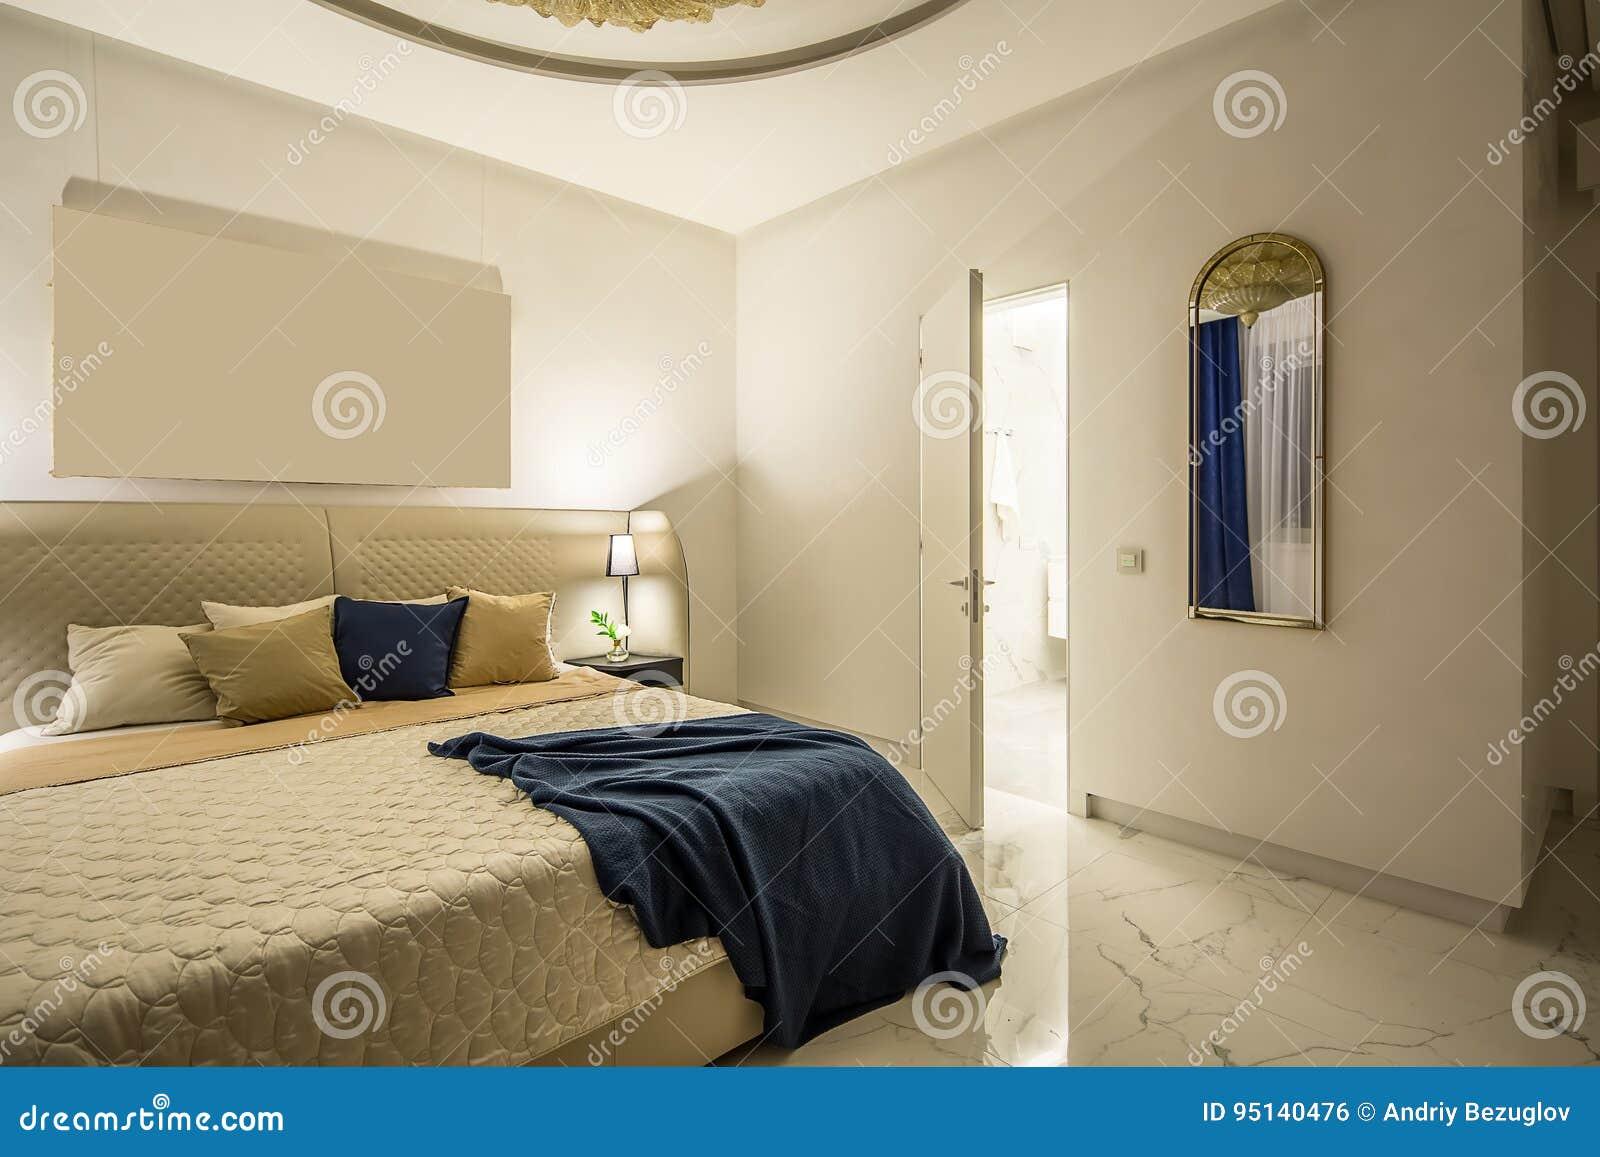 Dormitorio de lujo en estilo moderno